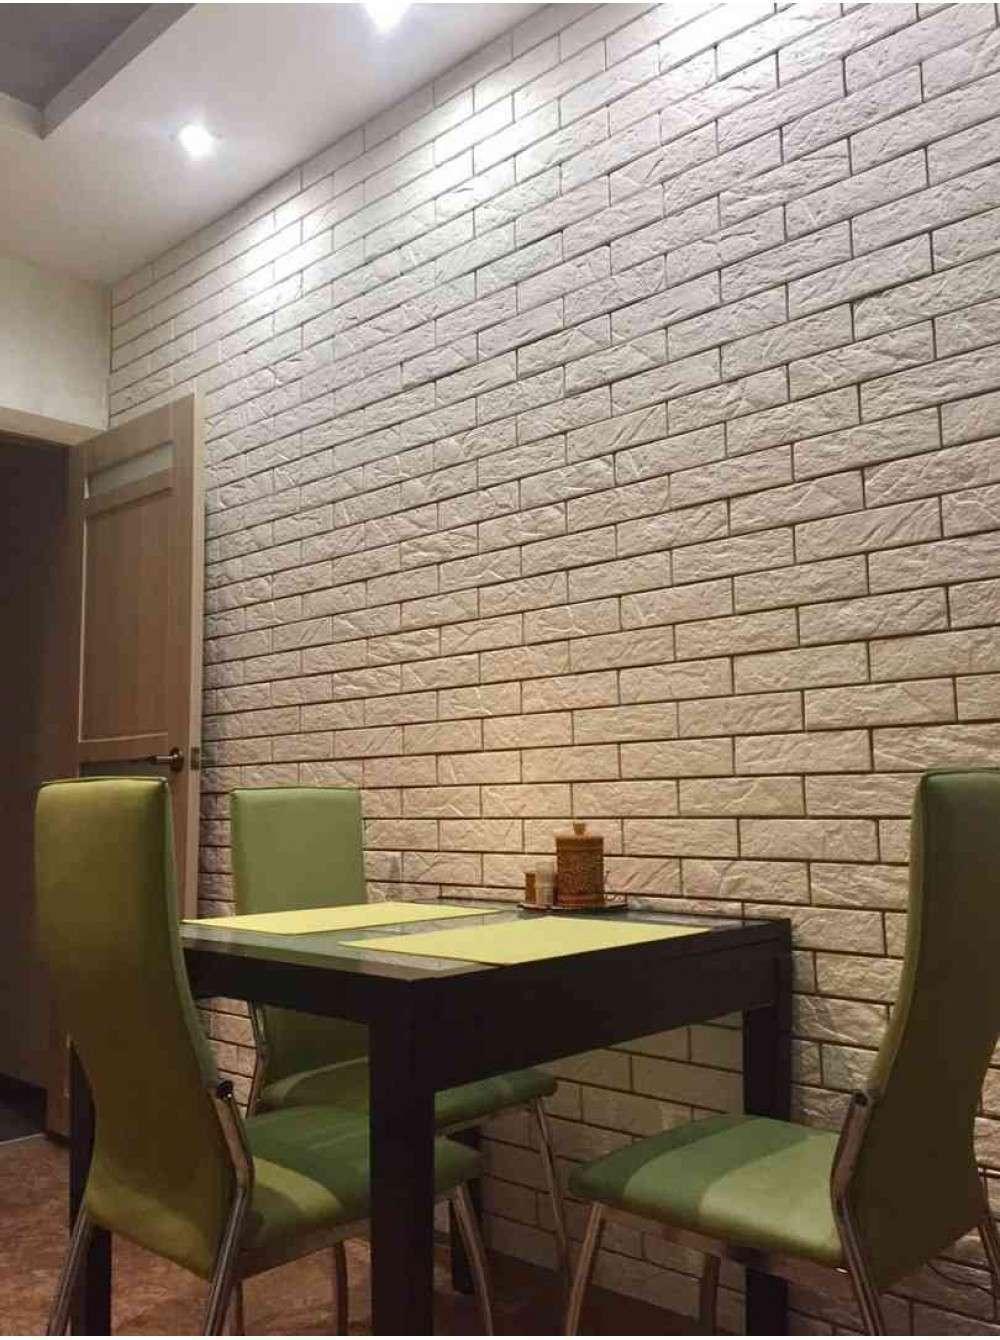 Ламинат на стене в интерьере кухни